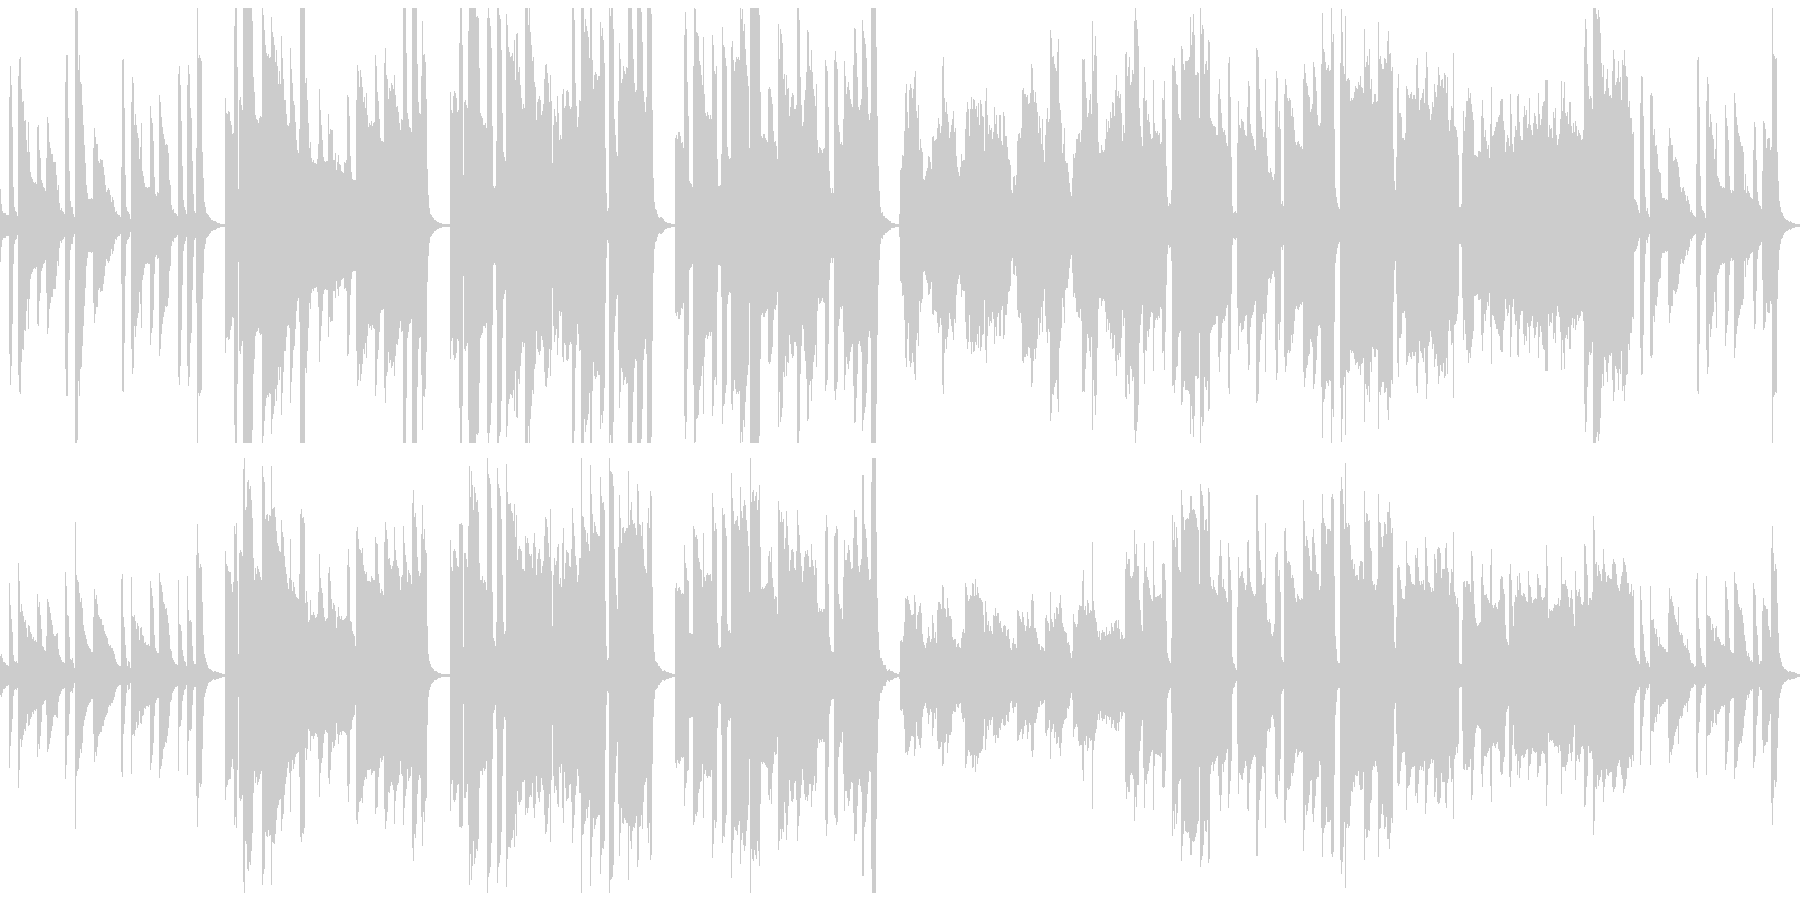 ほんわかな素朴BGM(ループ仕様)の未再生の波形